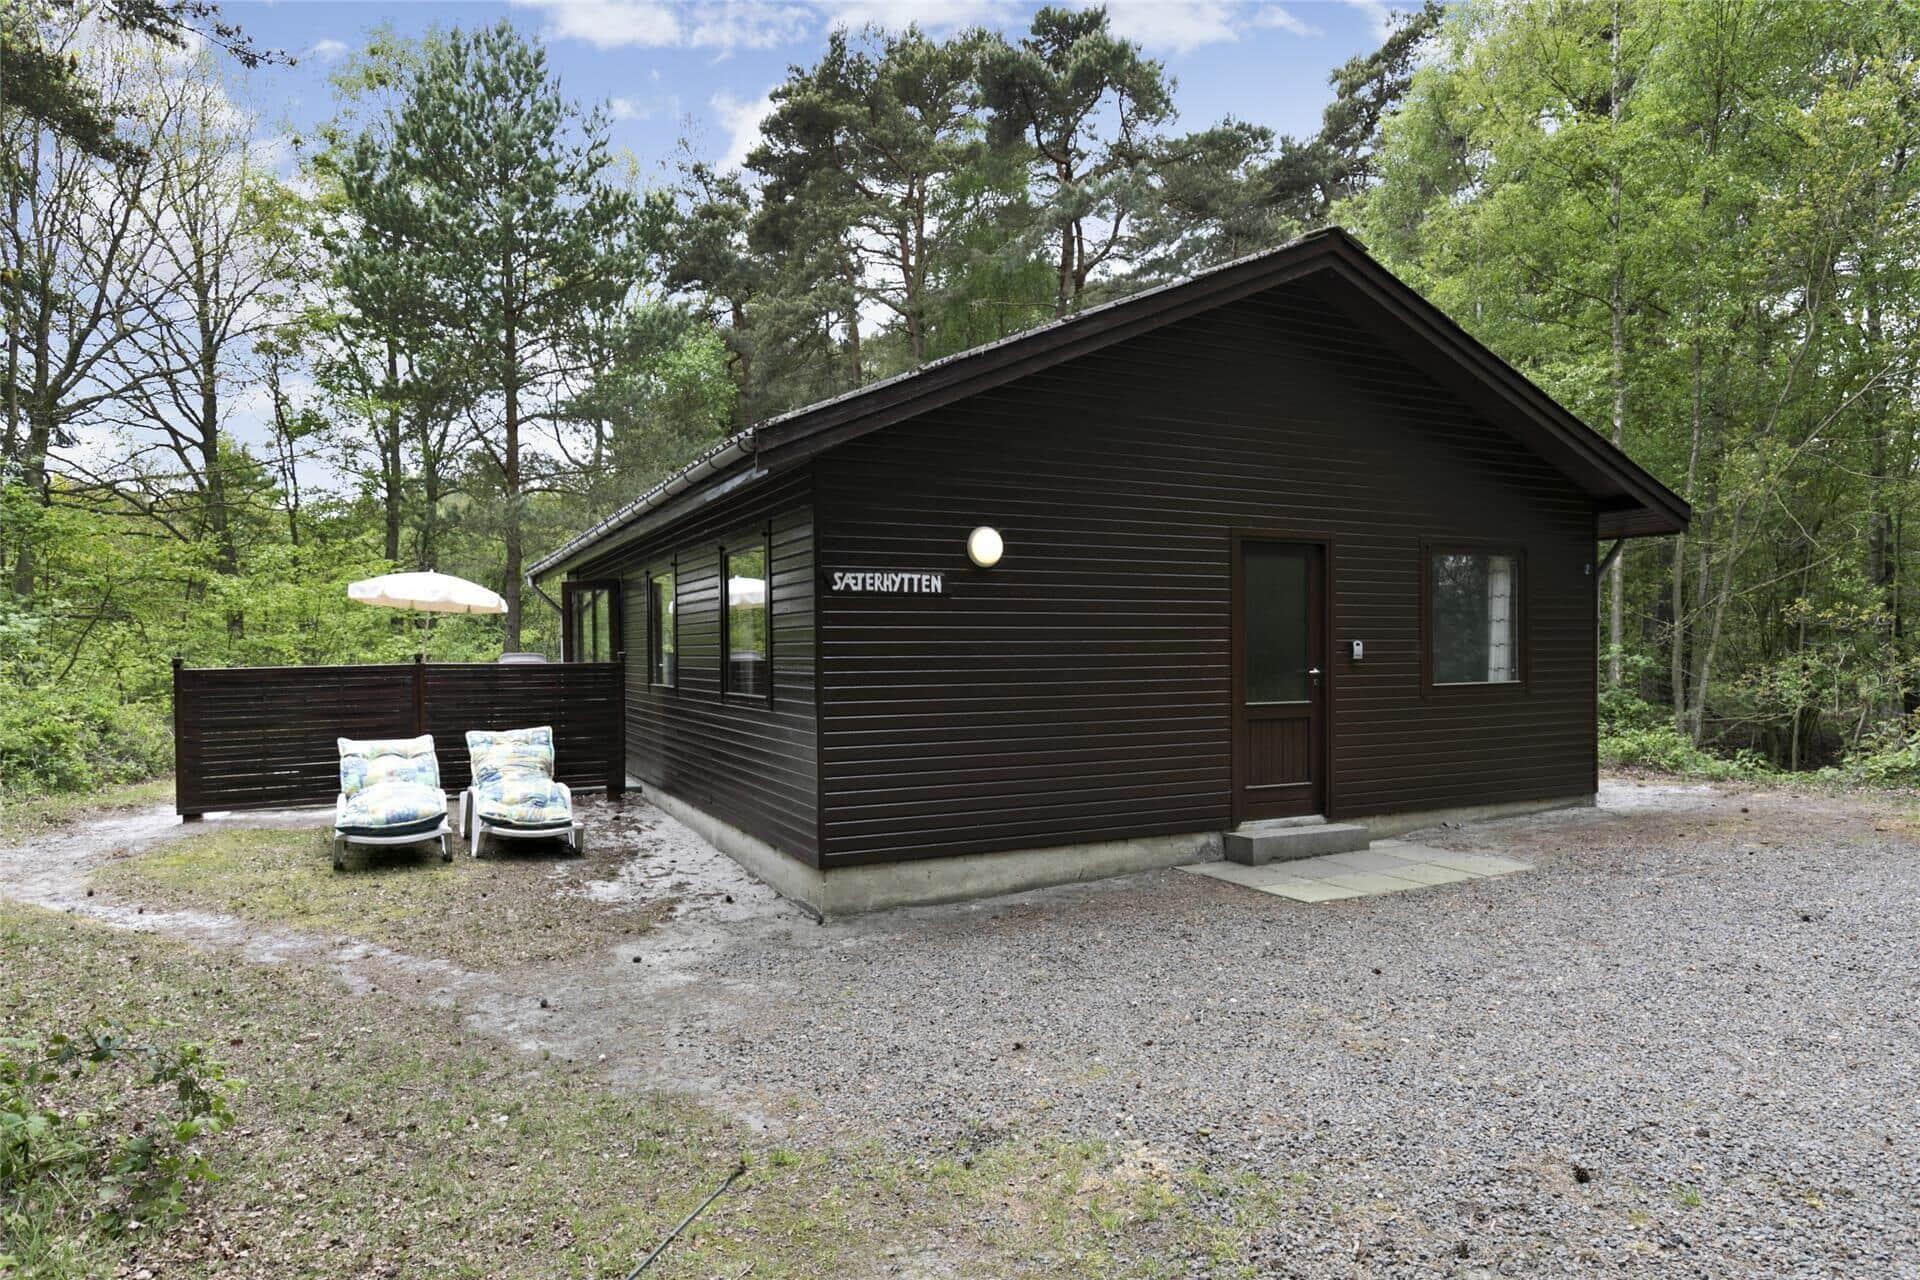 Image 1-10 Holiday-home 2513, Klitvej 2, DK - 3730 Nexø